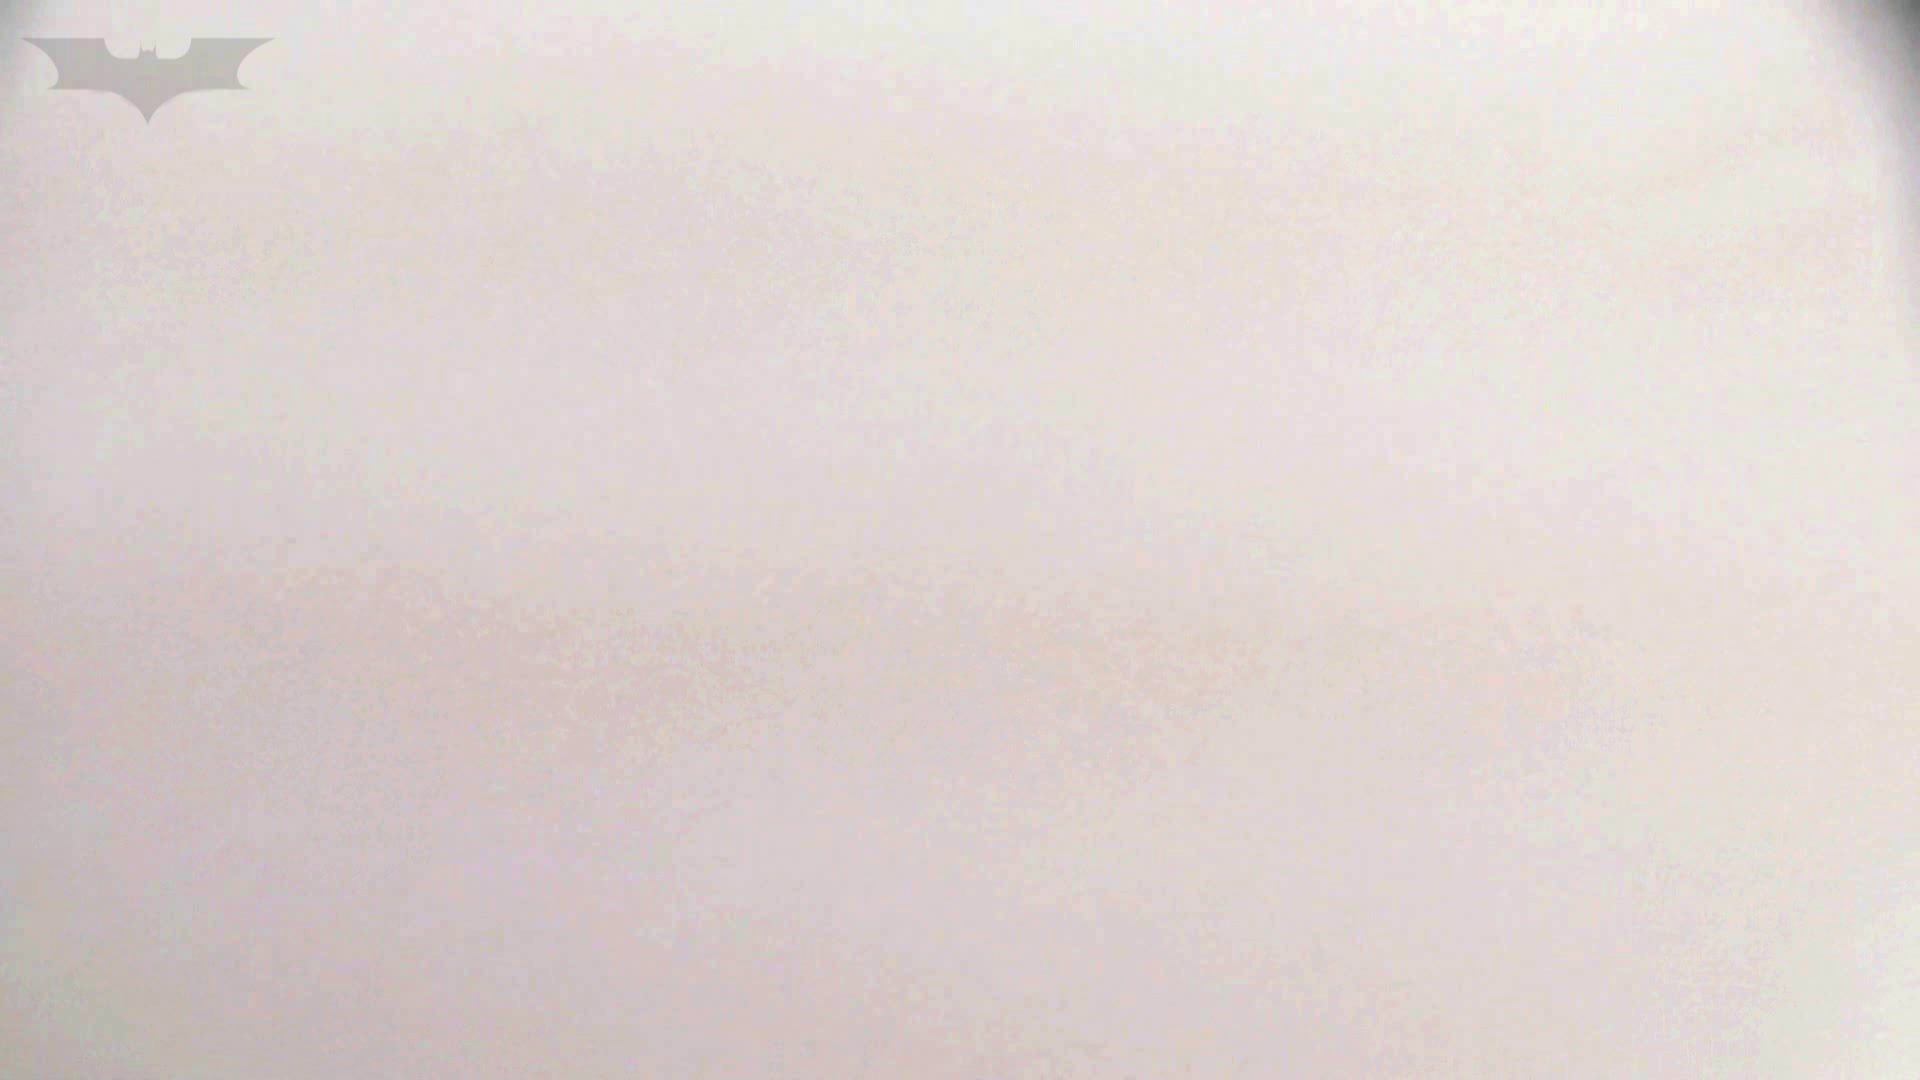 洗面所特攻隊 vol.74 last 2総勢16名激撮【2015・29位】 お姉さん  95PIX 51